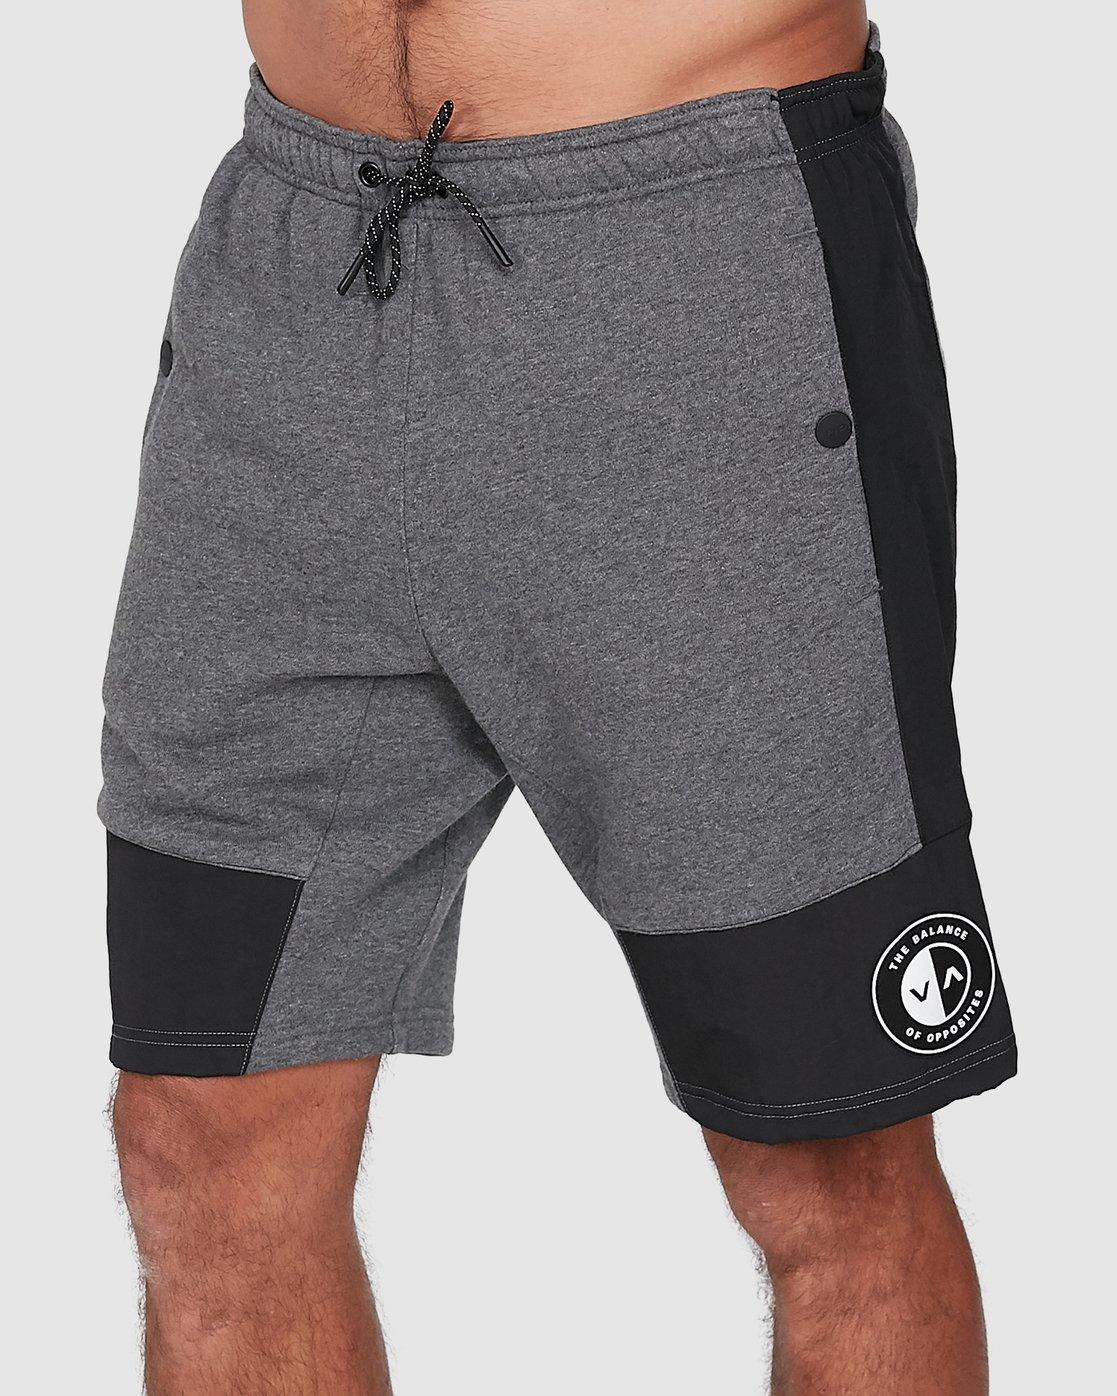 0 Hybrid Shorts Grey R307316 RVCA